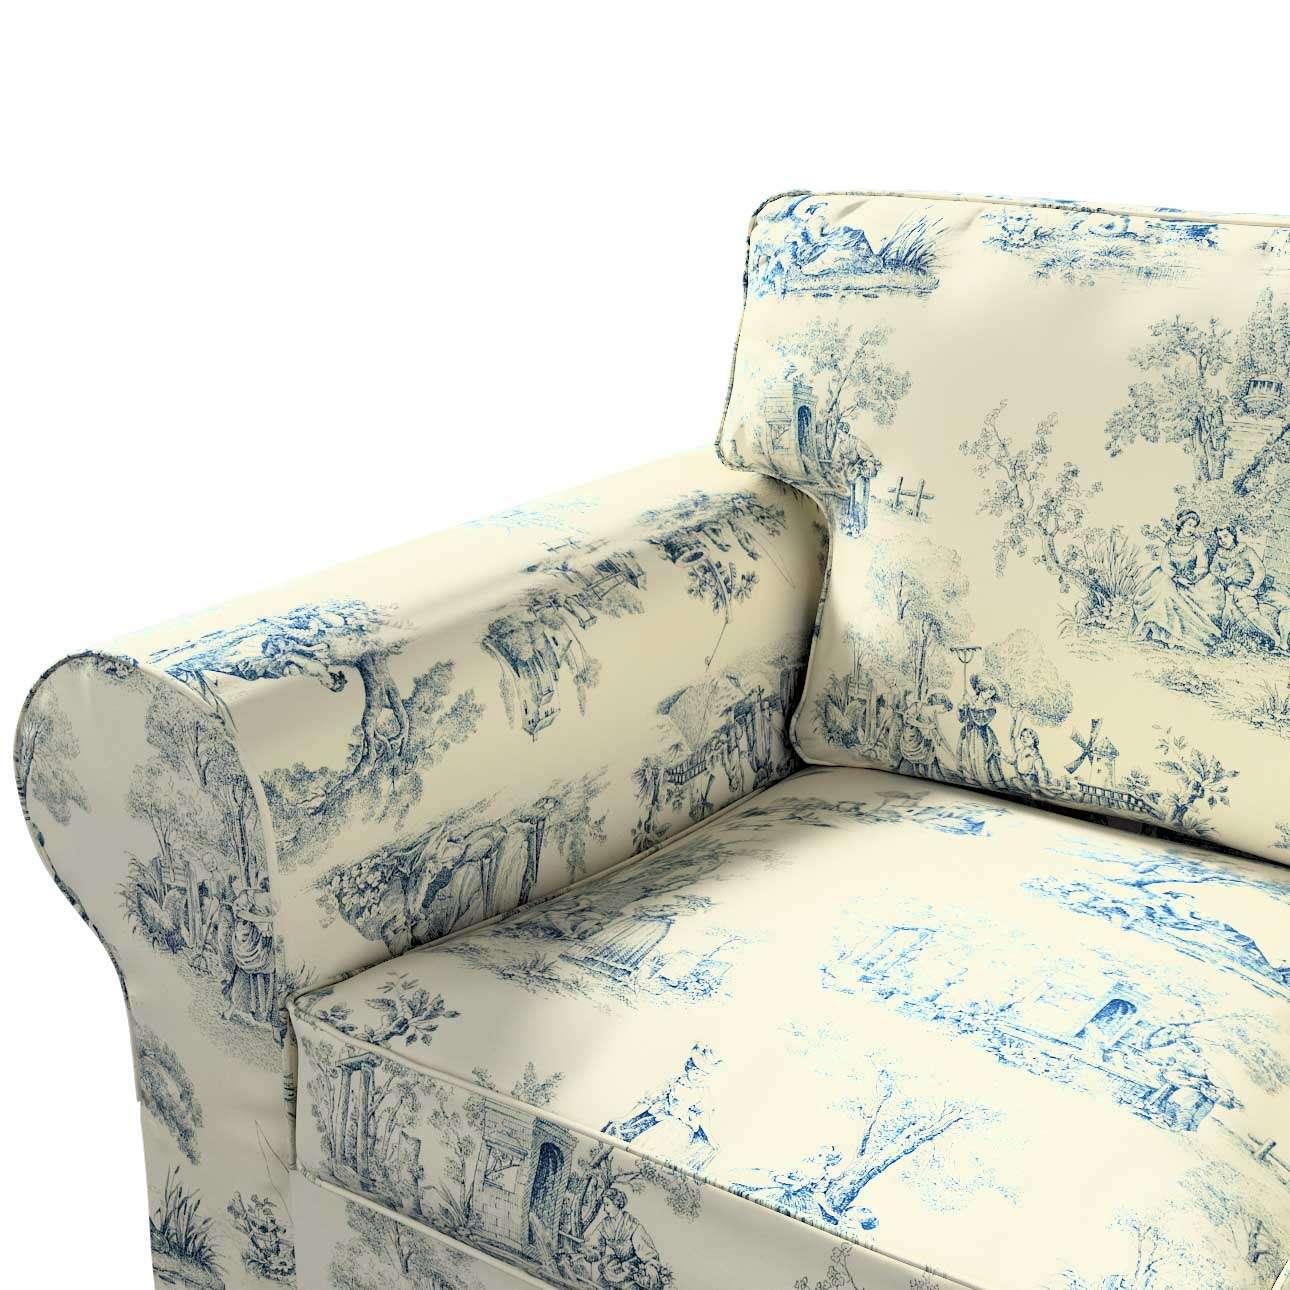 Pokrowiec na sofę Ektorp 3-osobową, rozkładaną NOWY MODEL 2013 Ektorp 3-os rozkładany nowy model 2013 w kolekcji Avinon, tkanina: 132-66